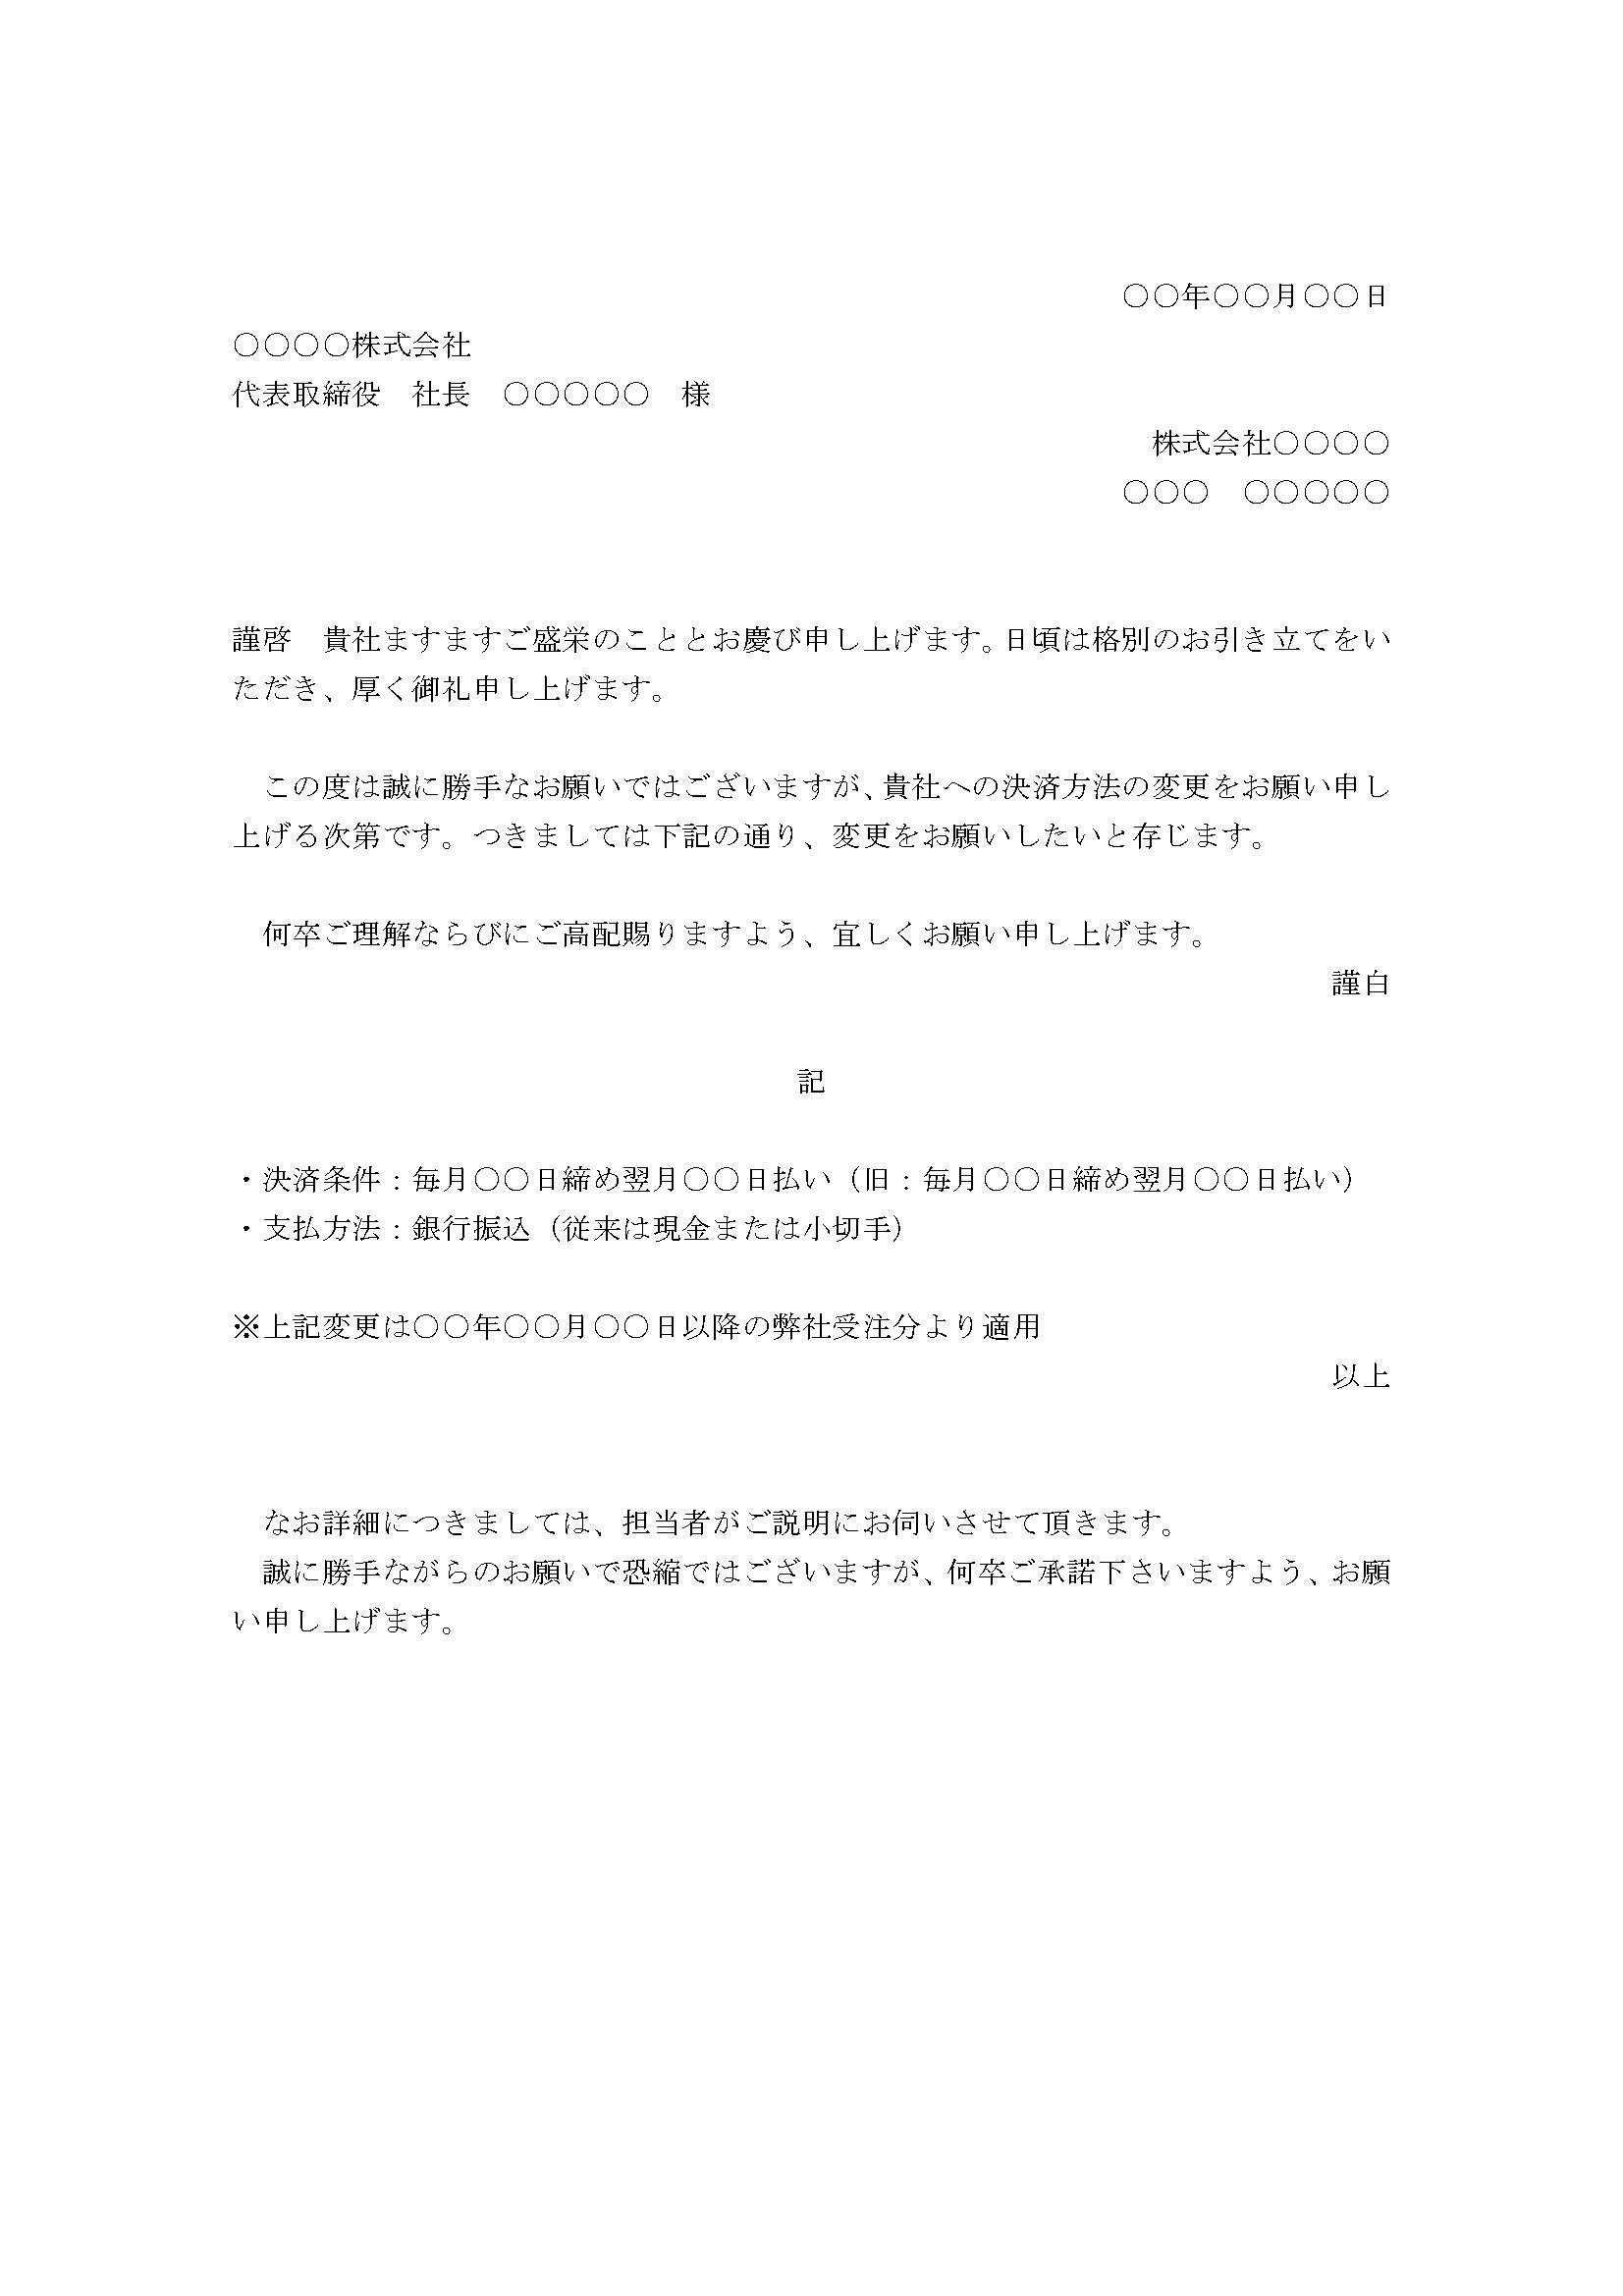 依頼状(決済方法変更)